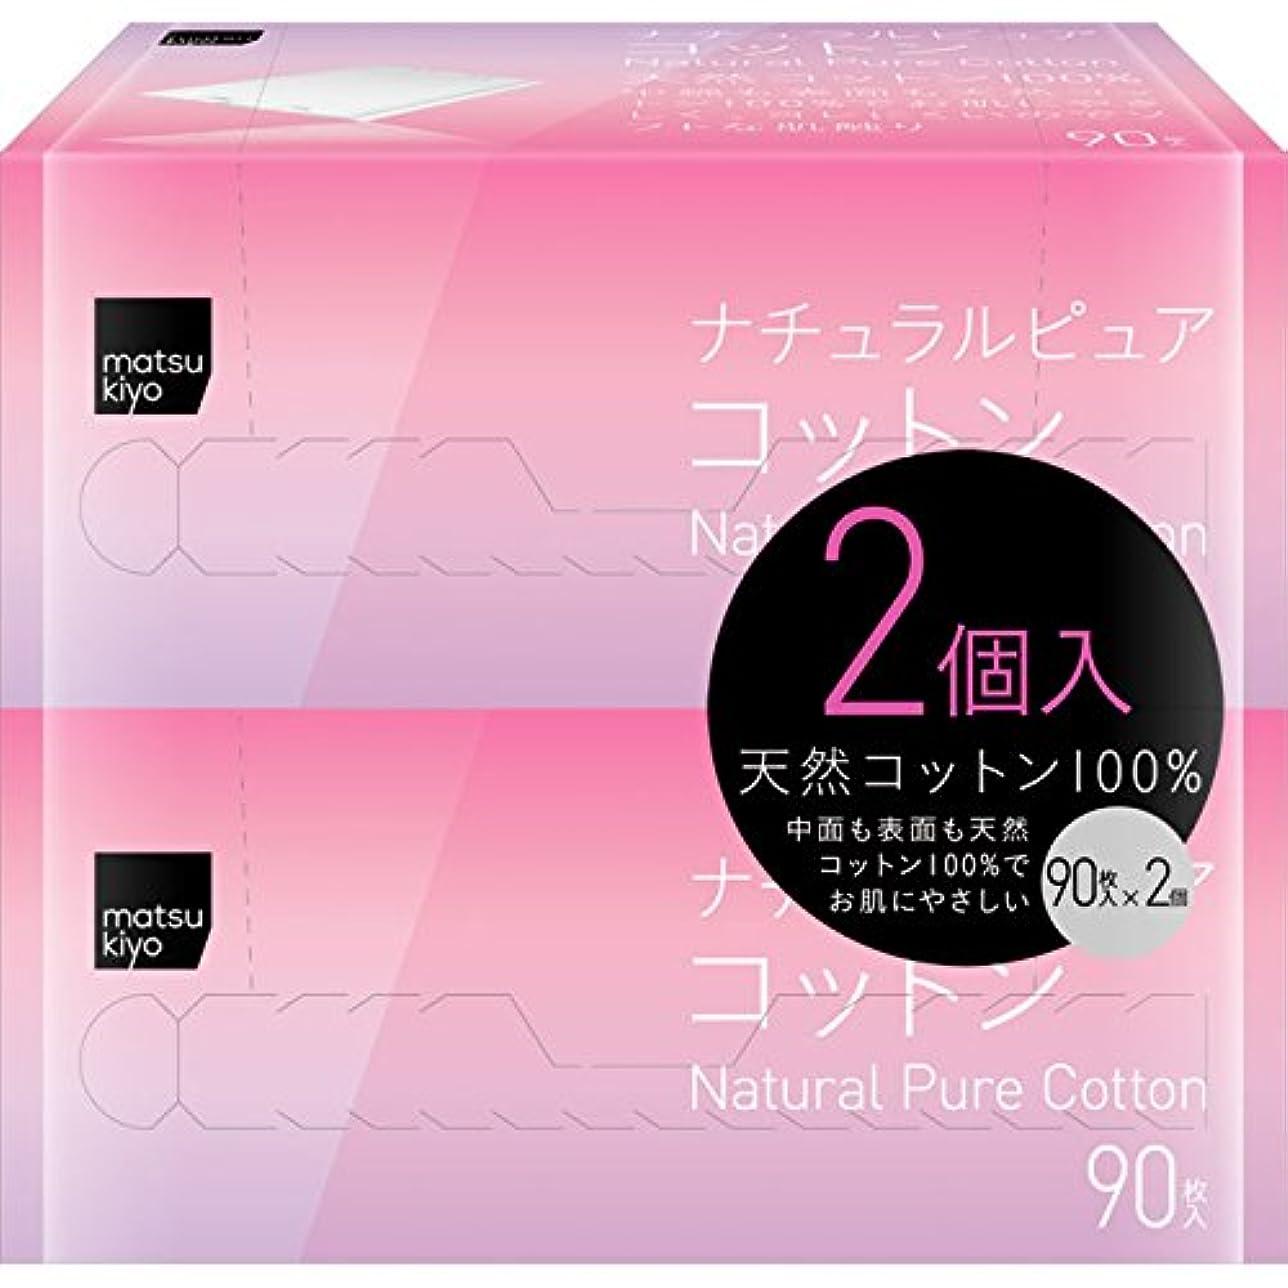 鏡ハードウェアウィスキースズラン matsukiyo ナチュラル ピュアコットンパフ 90枚×2P